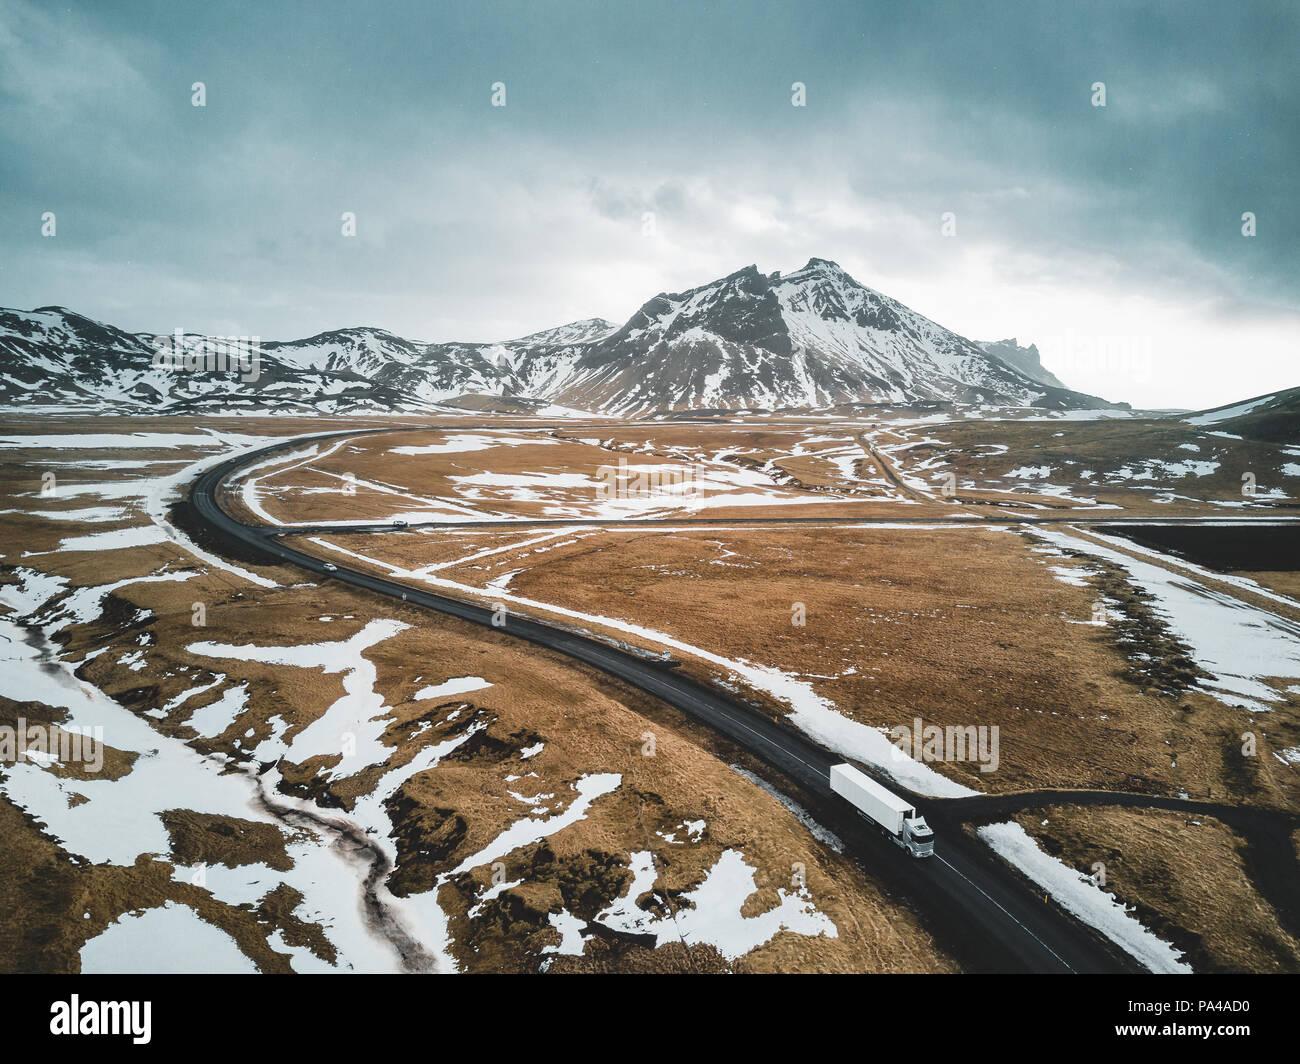 L'Islande , février 2018: un camion passe le long d'une rue avec vue aérienne du paysage de neige et nuages street et jaune et vert gazon. Banque D'Images